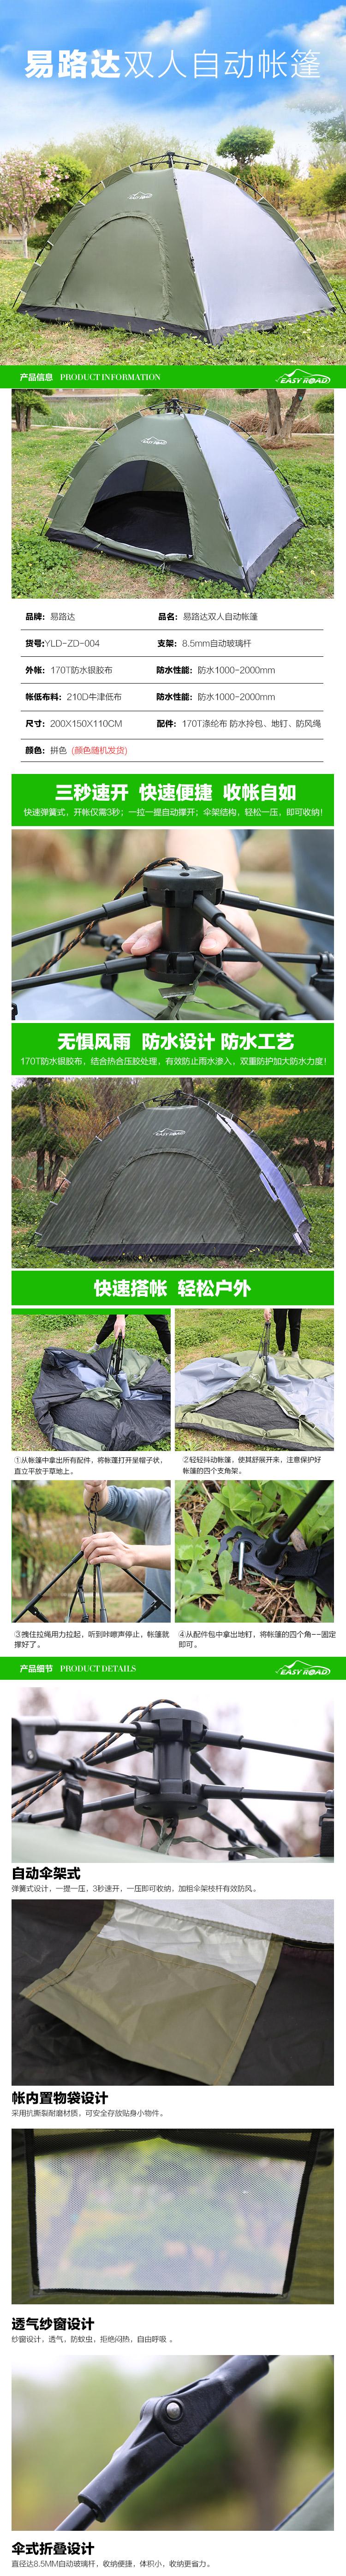 易路达双人自动帐篷004.jpg